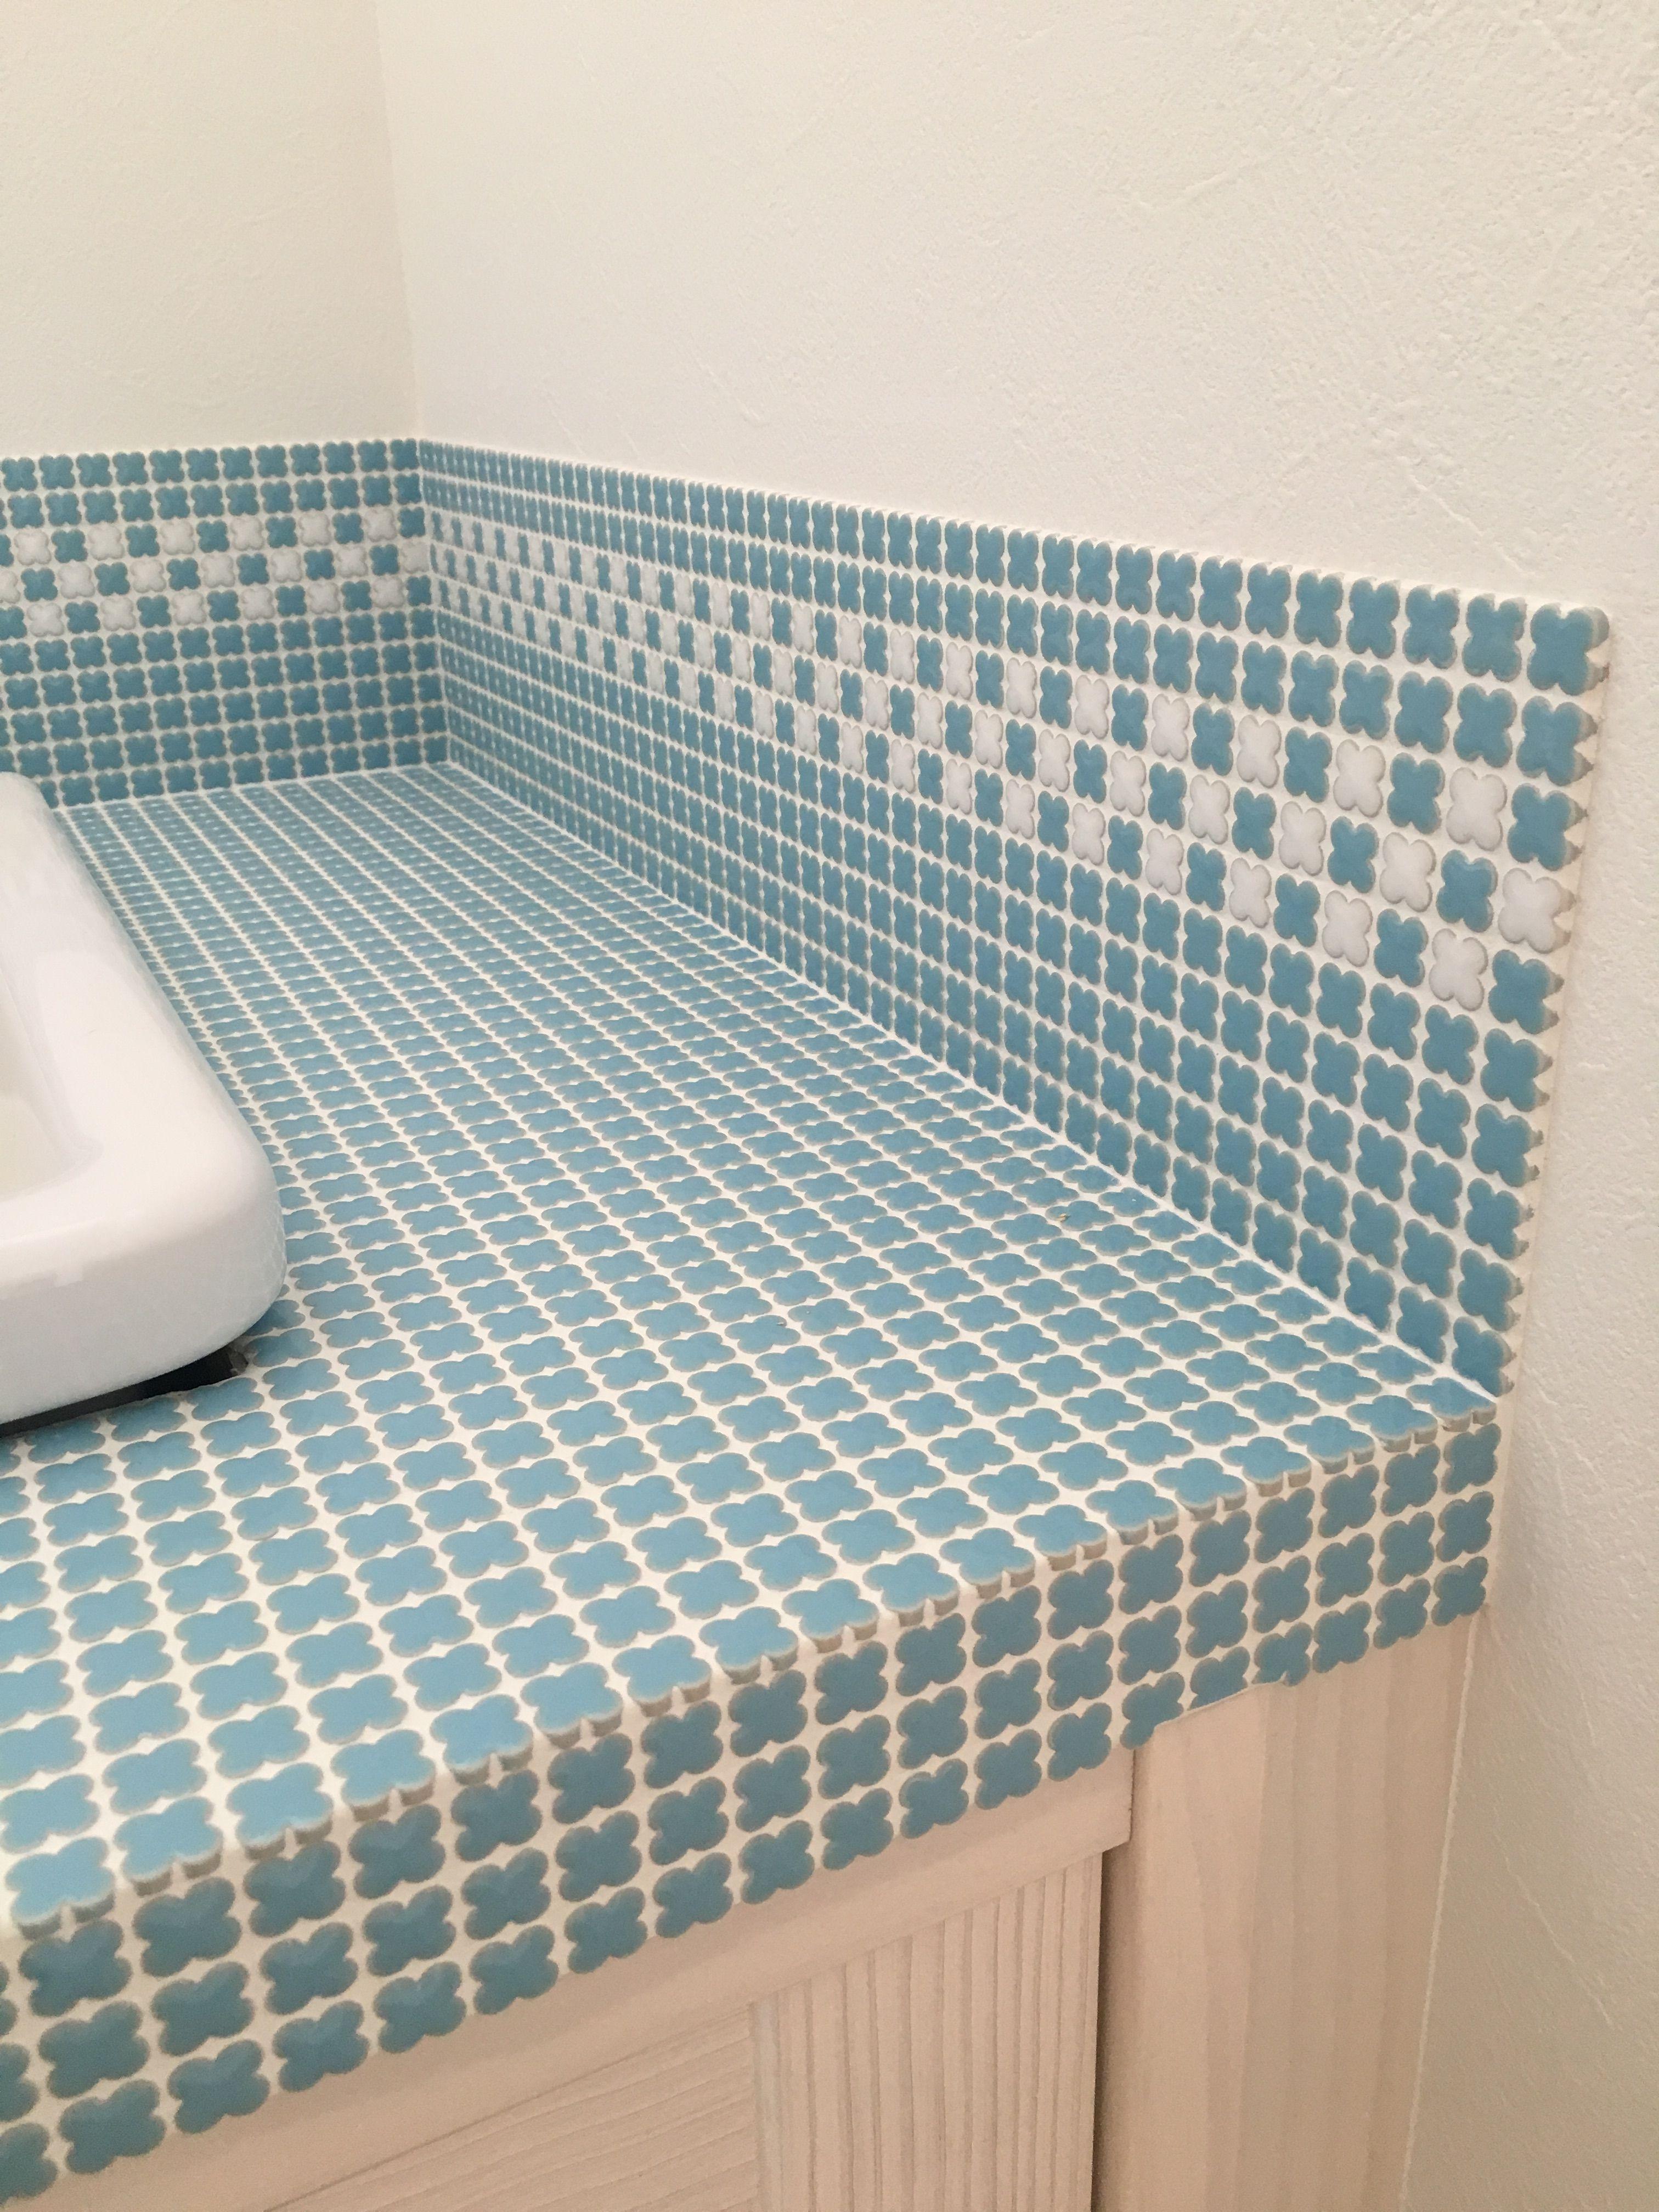 造作洗面台 名古屋モザイクのタイルと実験用シンクで タイル 名古屋 モザイク 浴室 タイル